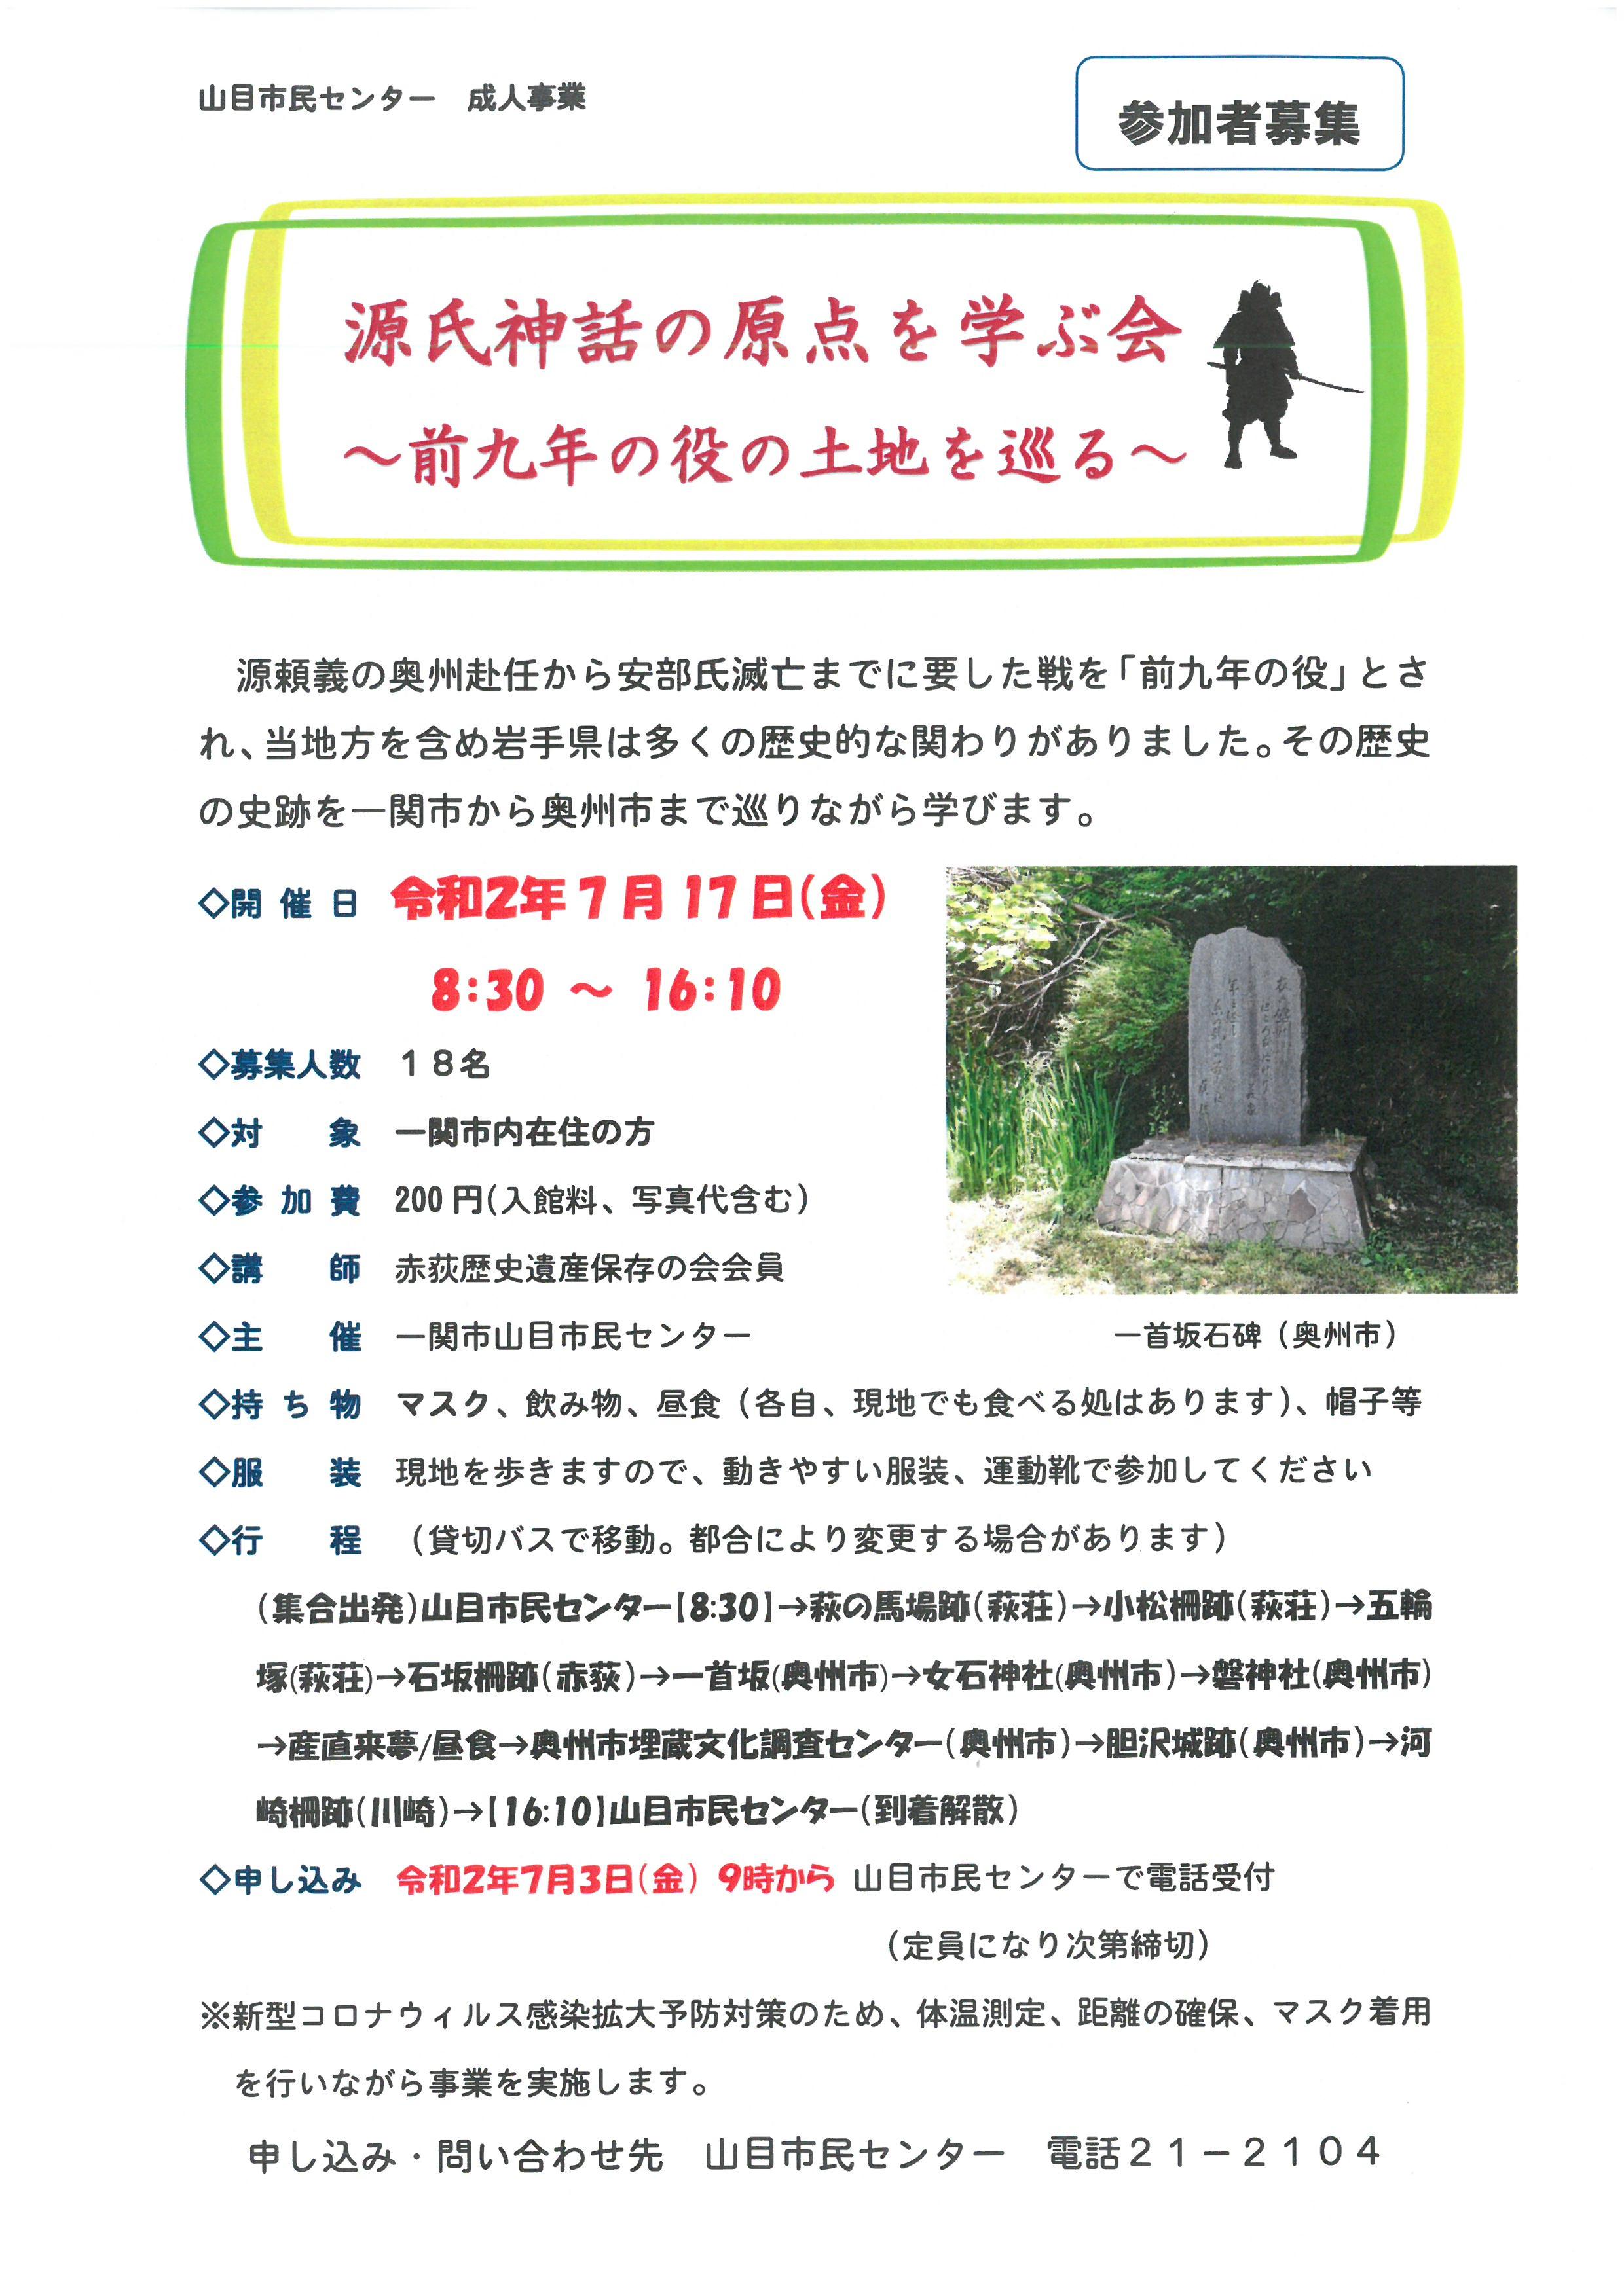 源氏神話の原点を学ぶ会 @ 一関市、奥州市